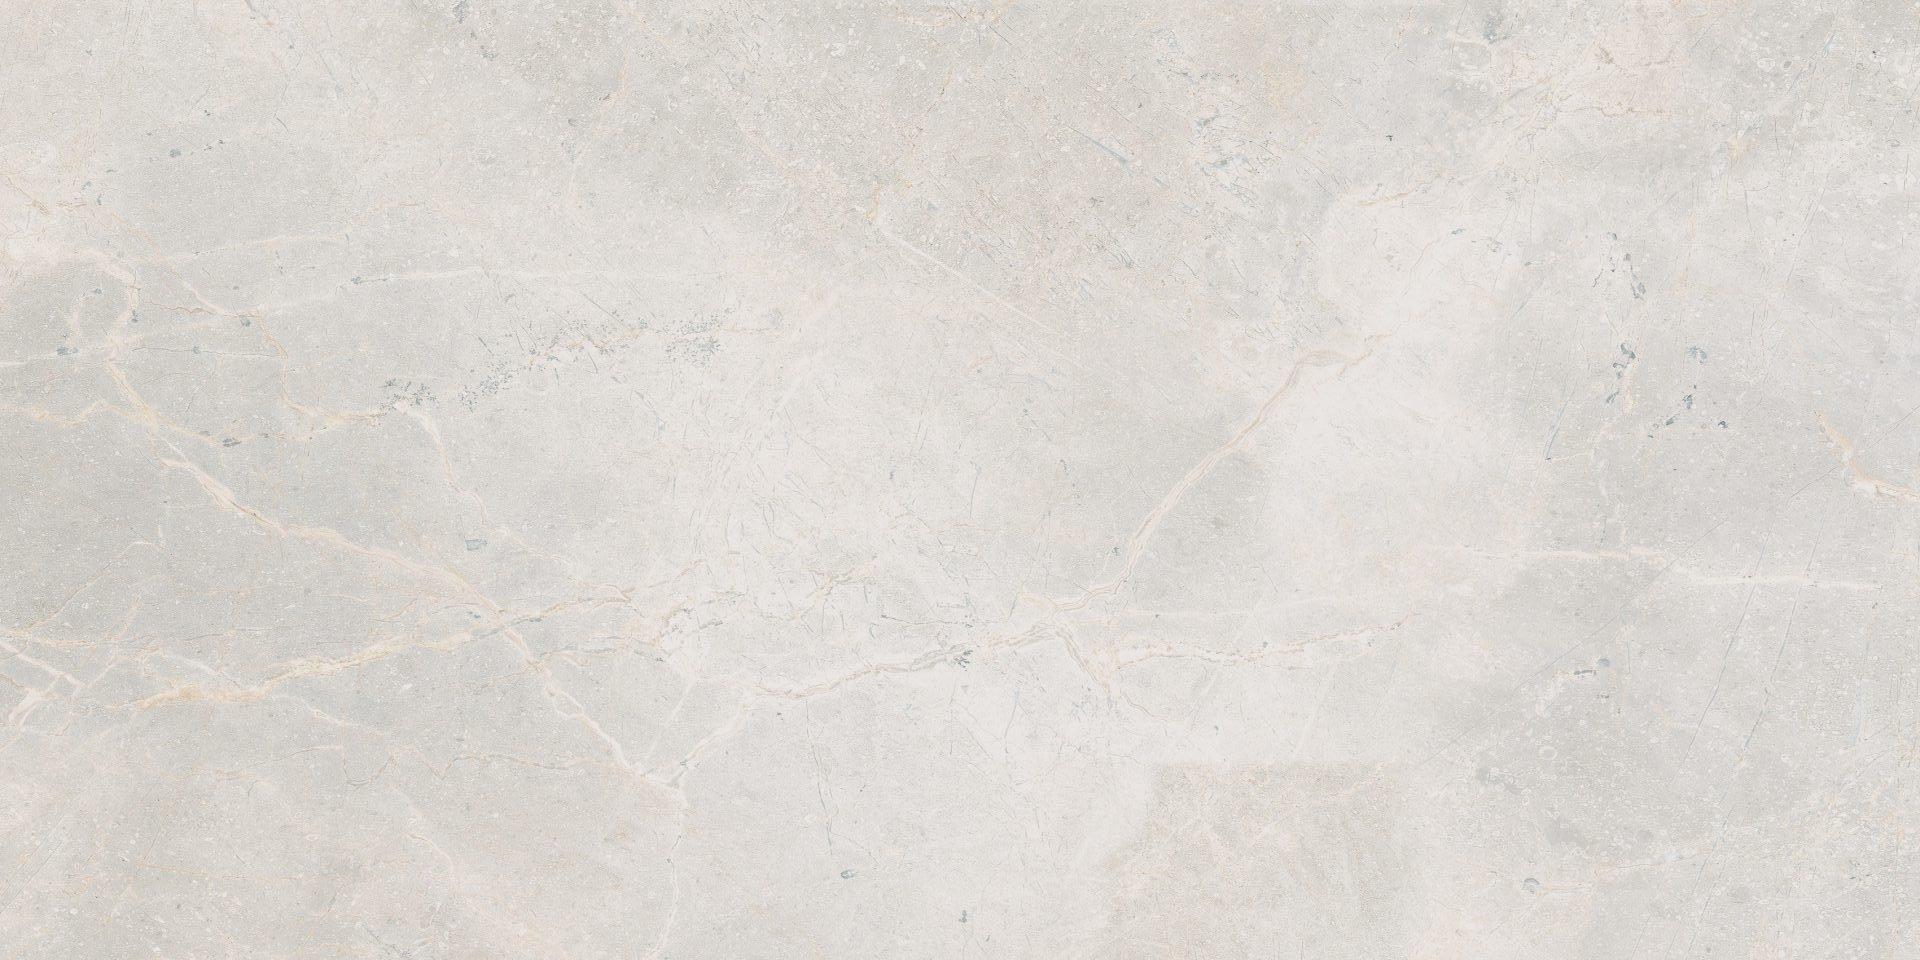 Masterstone white poler - dlaždice rektifikovaná 59,7x119,7 bílá